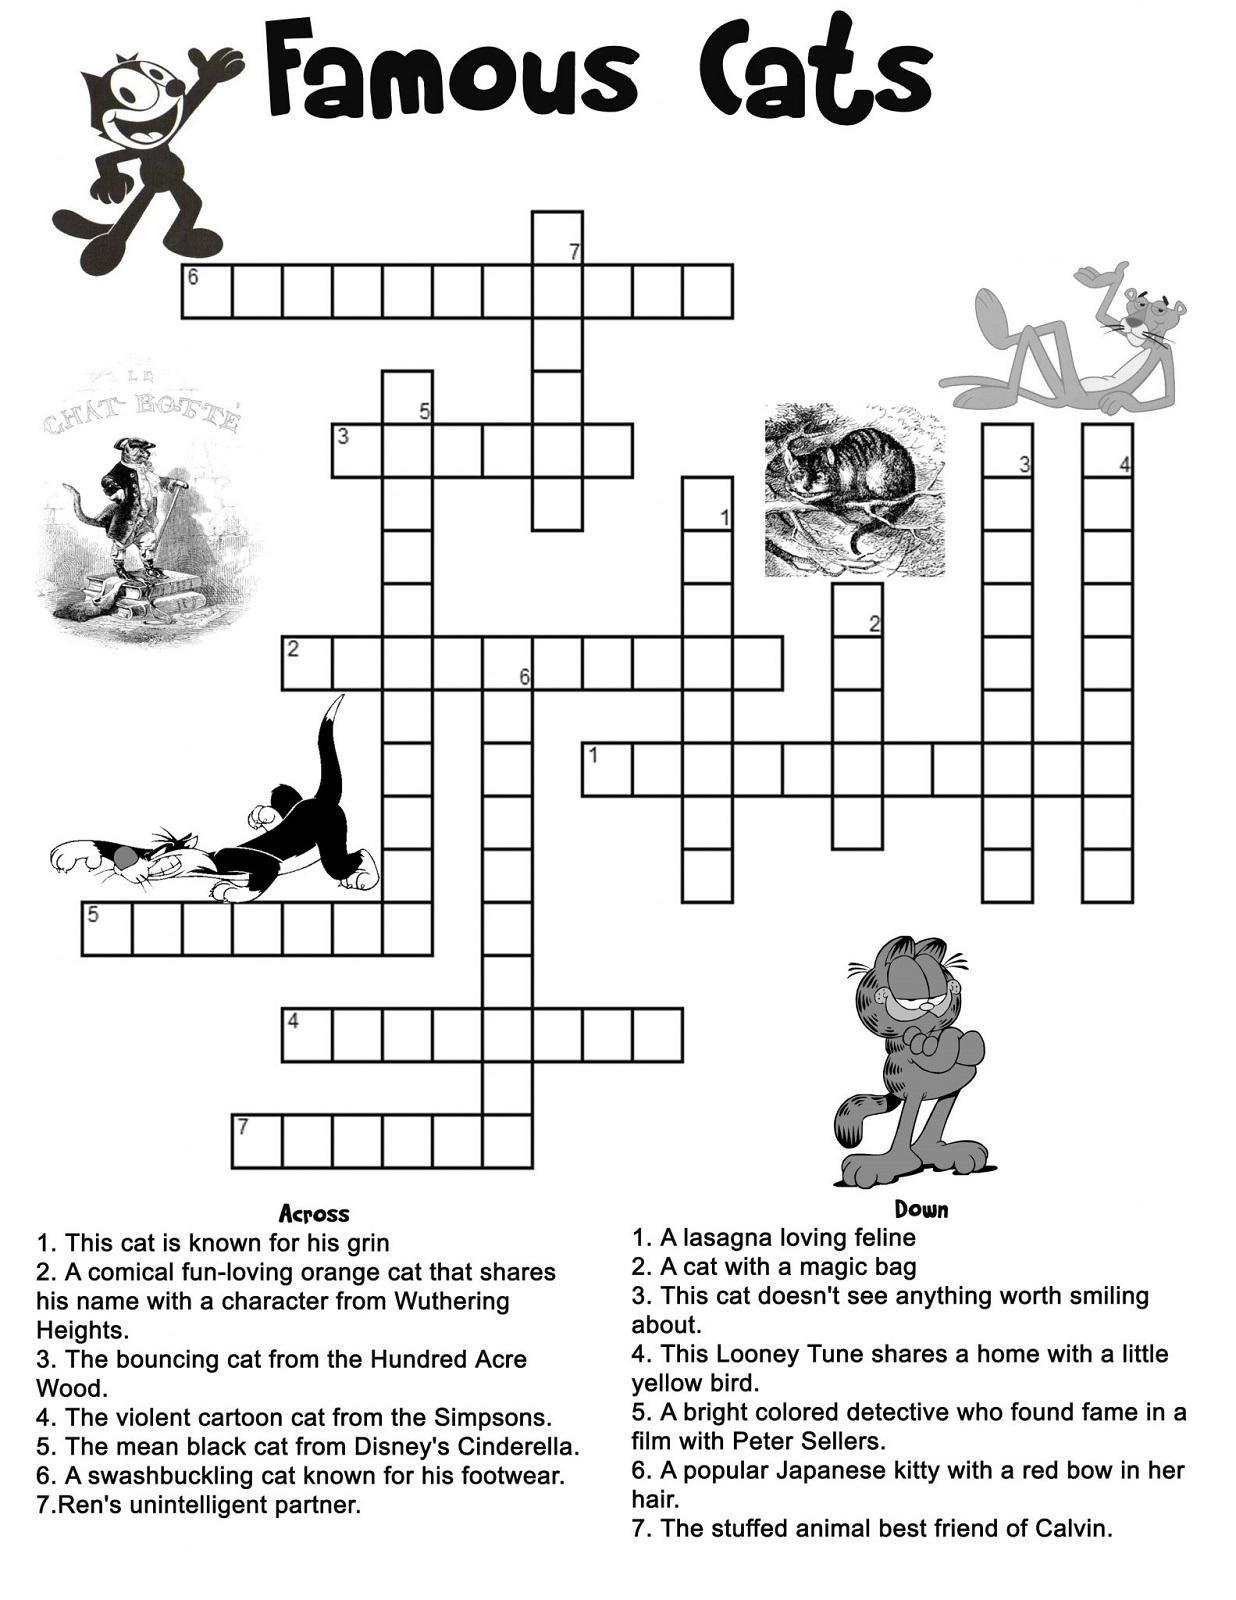 Free Printable Children's Crossword Puzzles